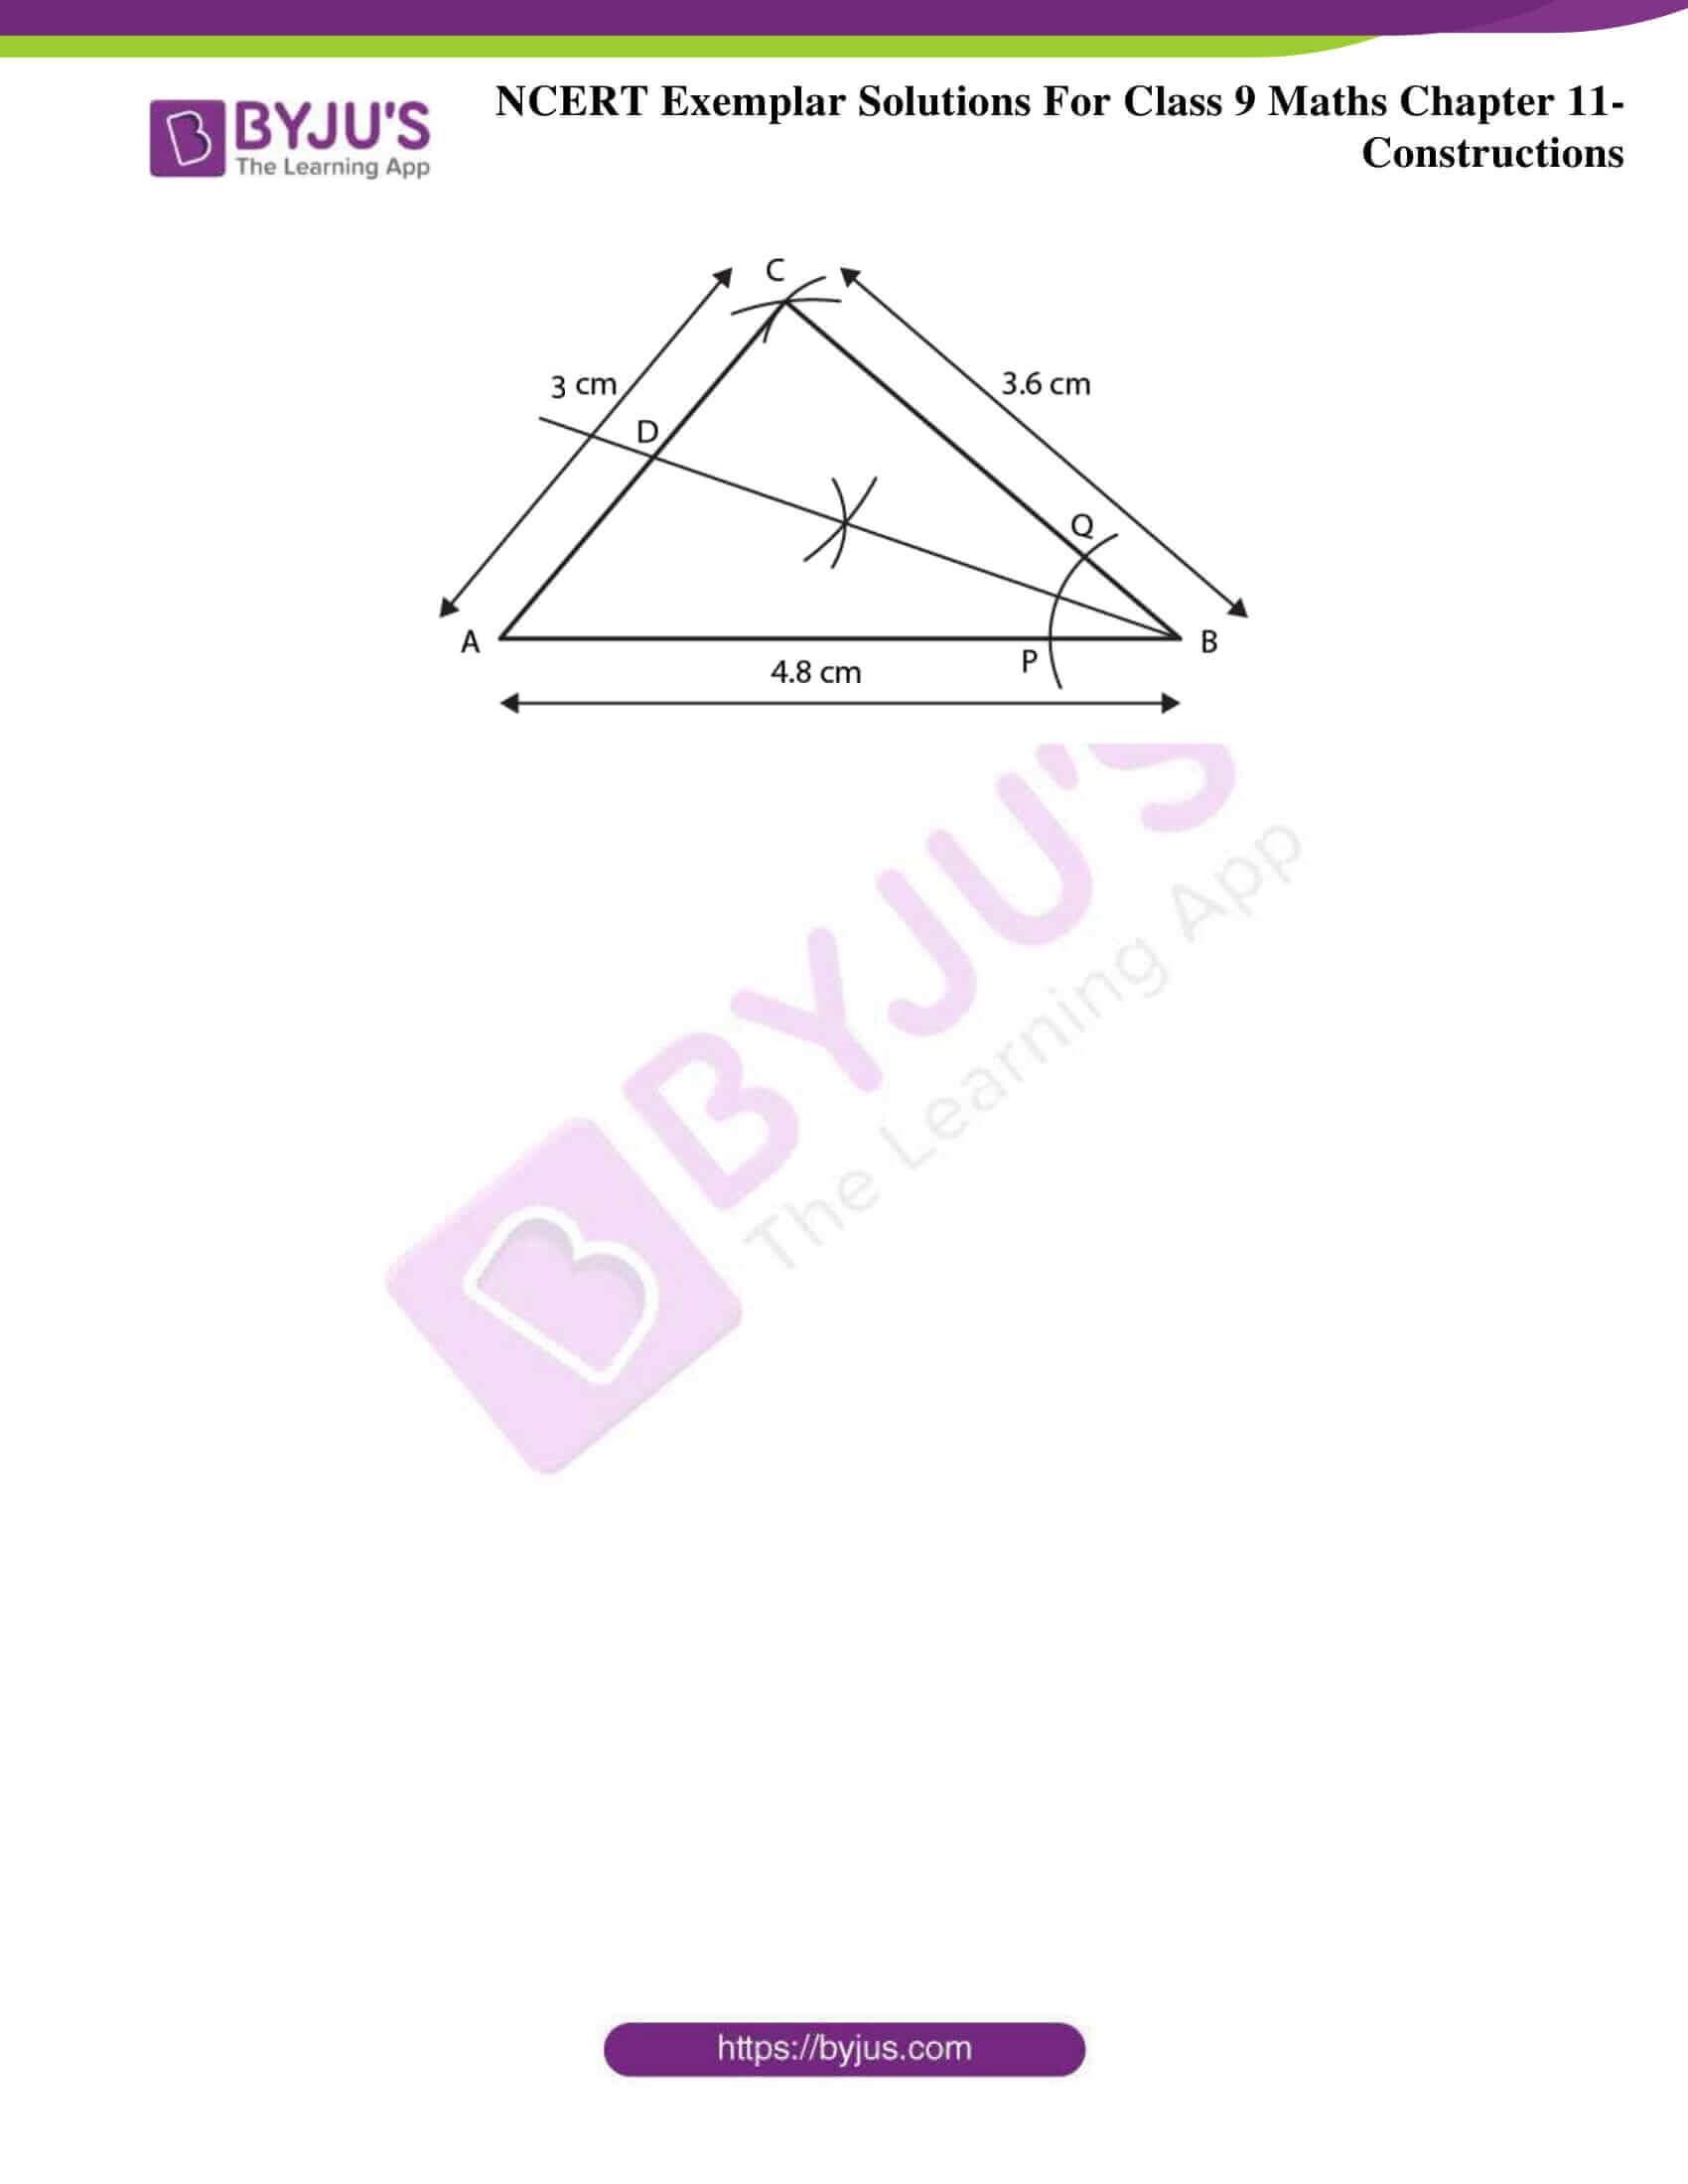 ncert exemplar solution class 9 maths chapter 11